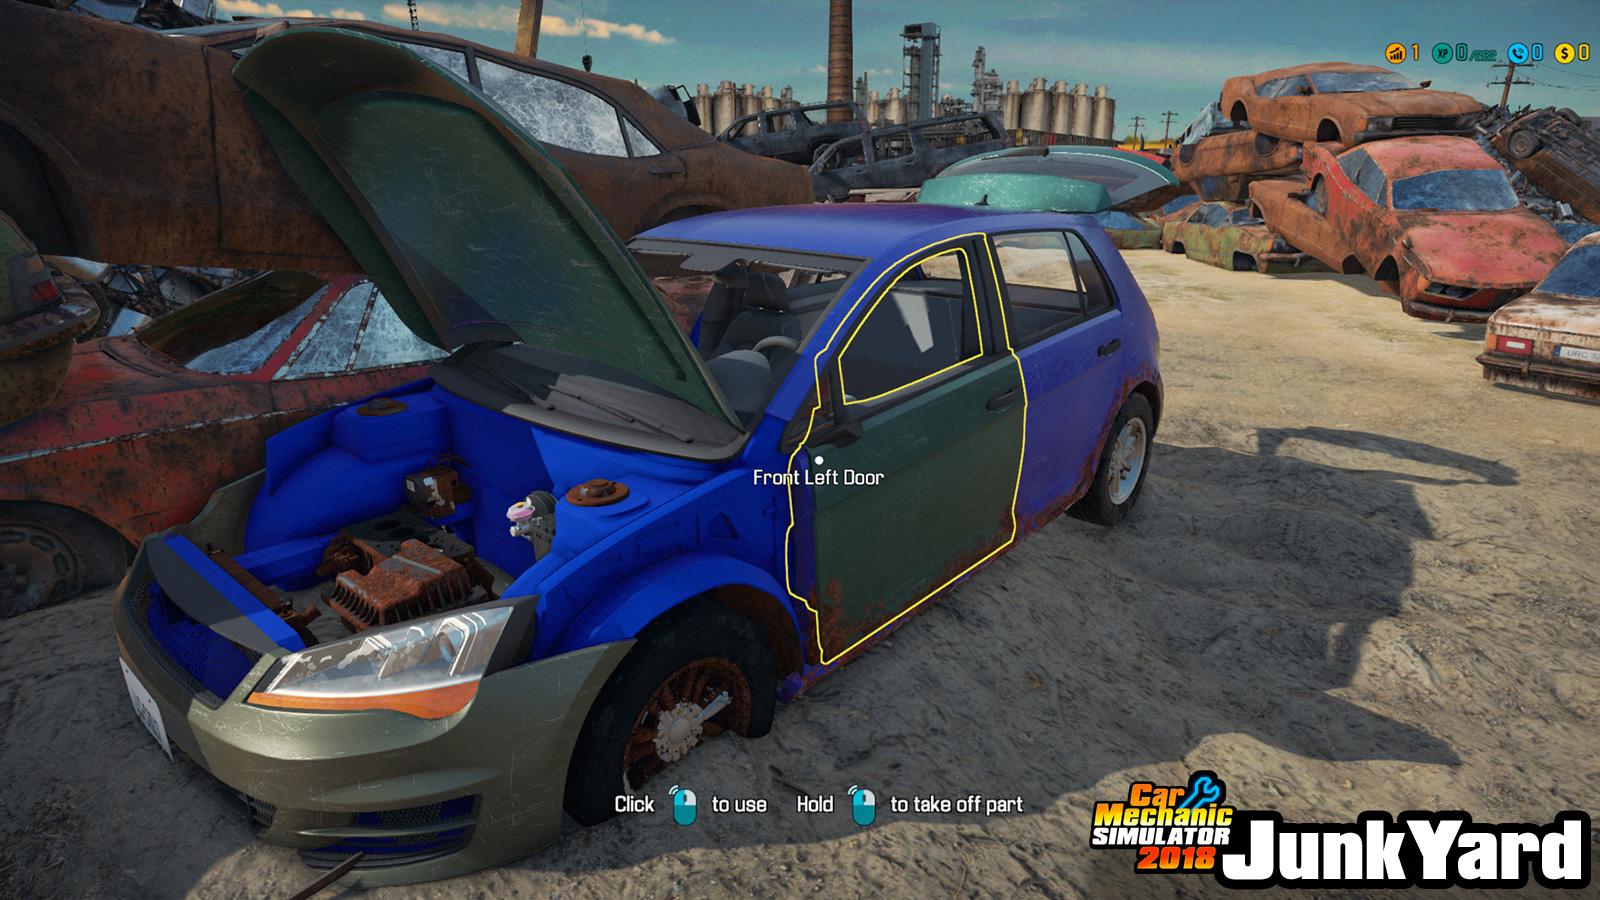 Car Mechanic Simulator for PS4 Game Reviews